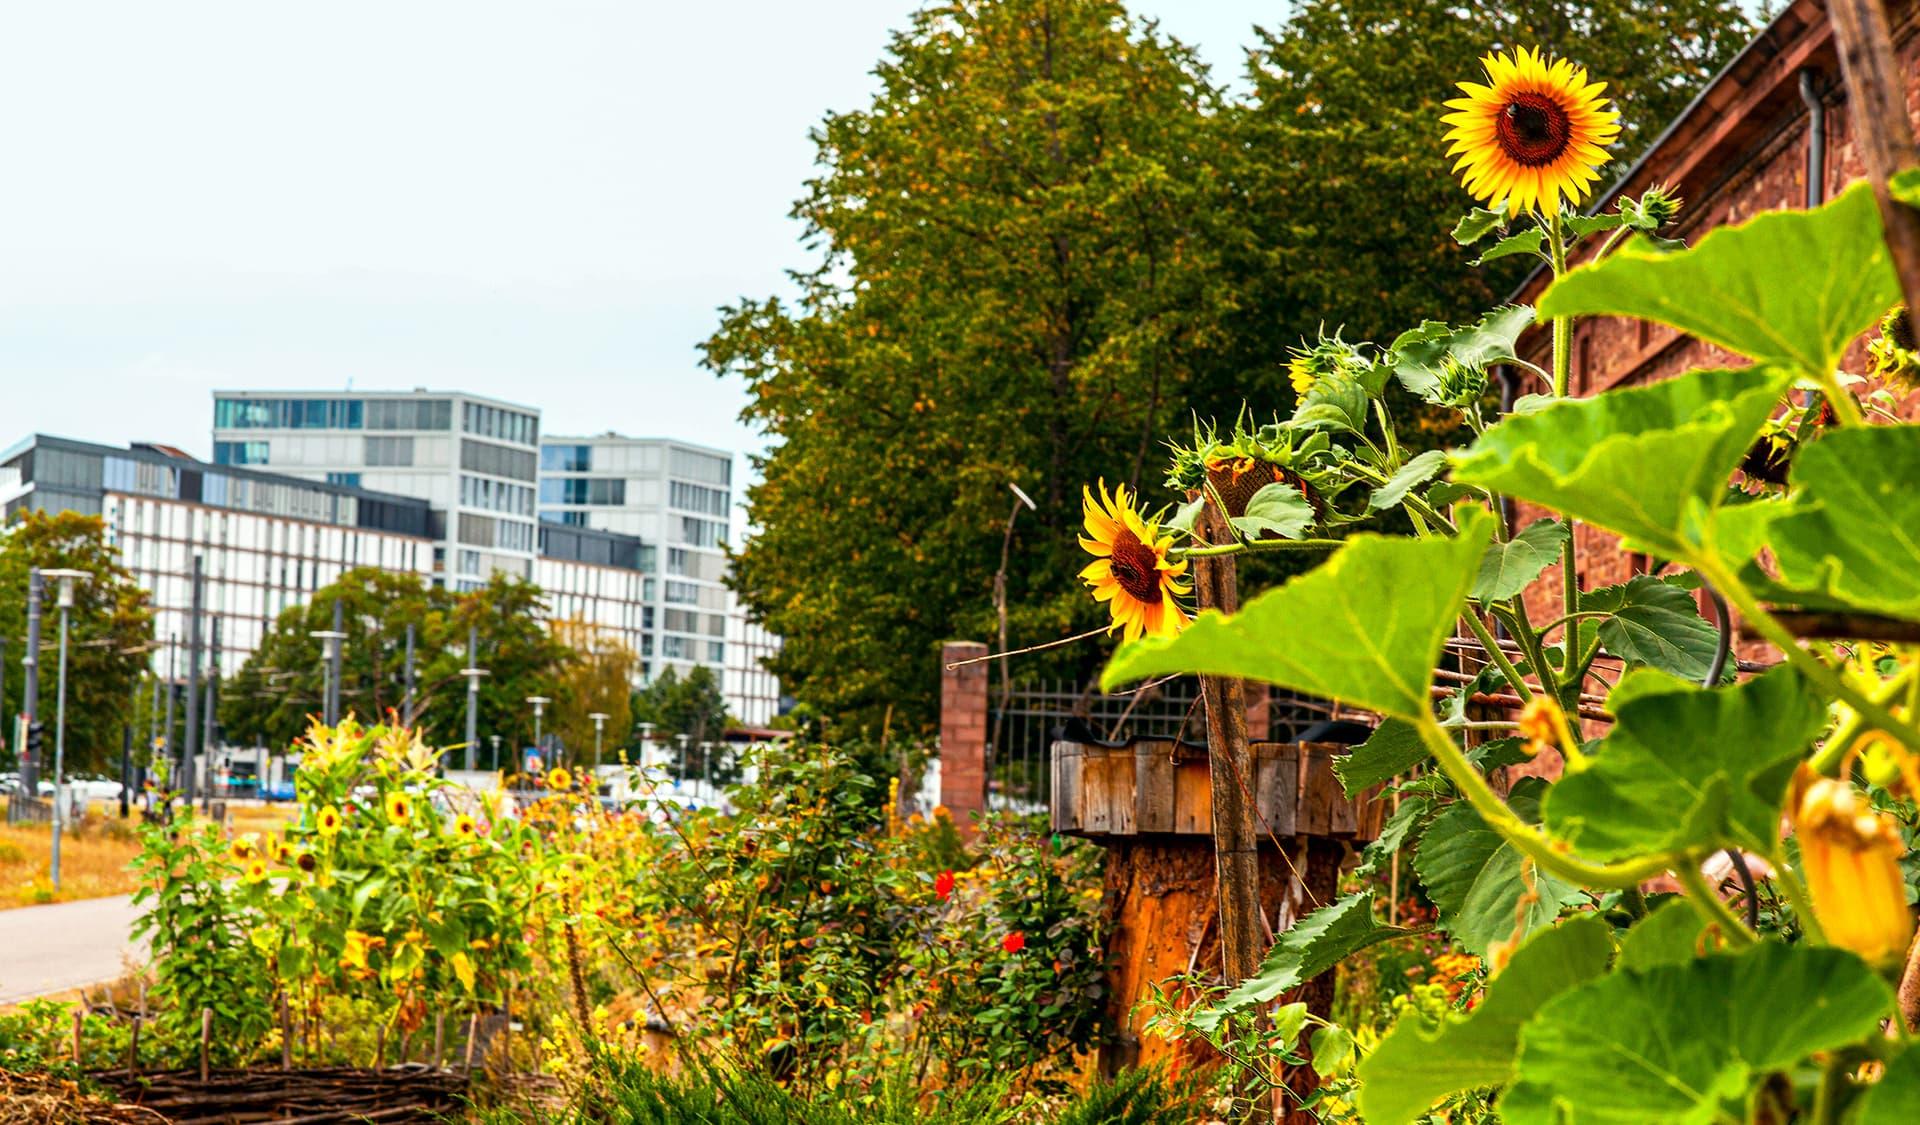 Sonnenblumen im Vordergrund, Bürohäuser im Hintergrund